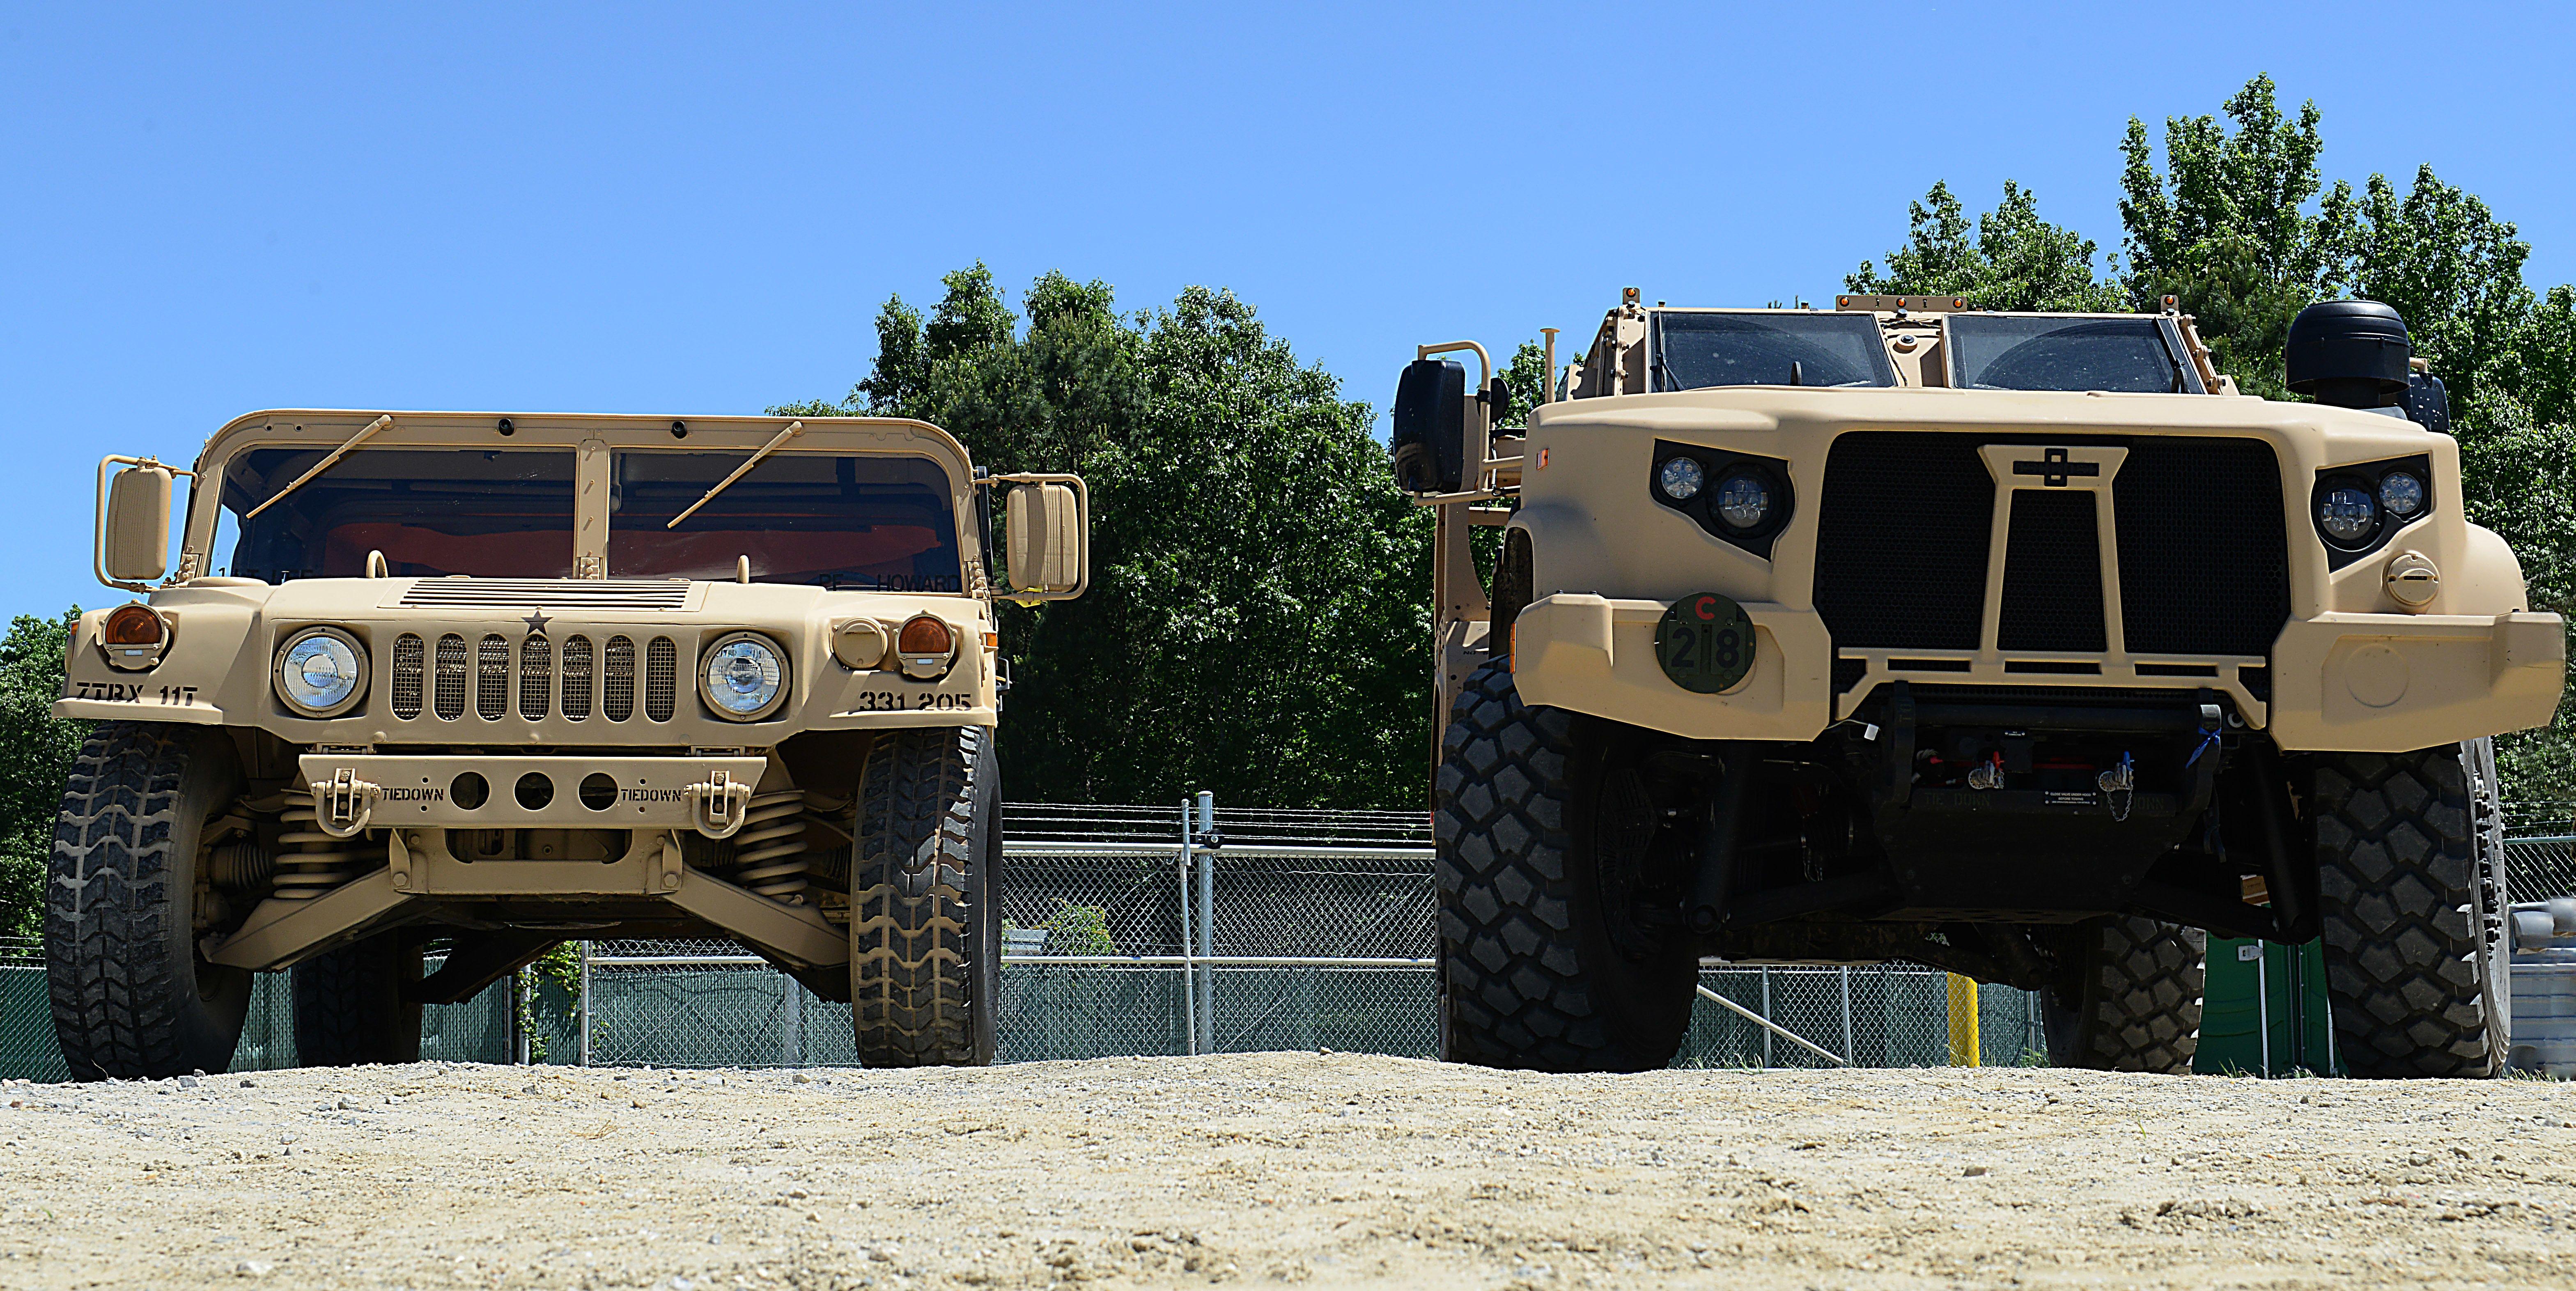 El ejército acelera nuevo vehículo táctico